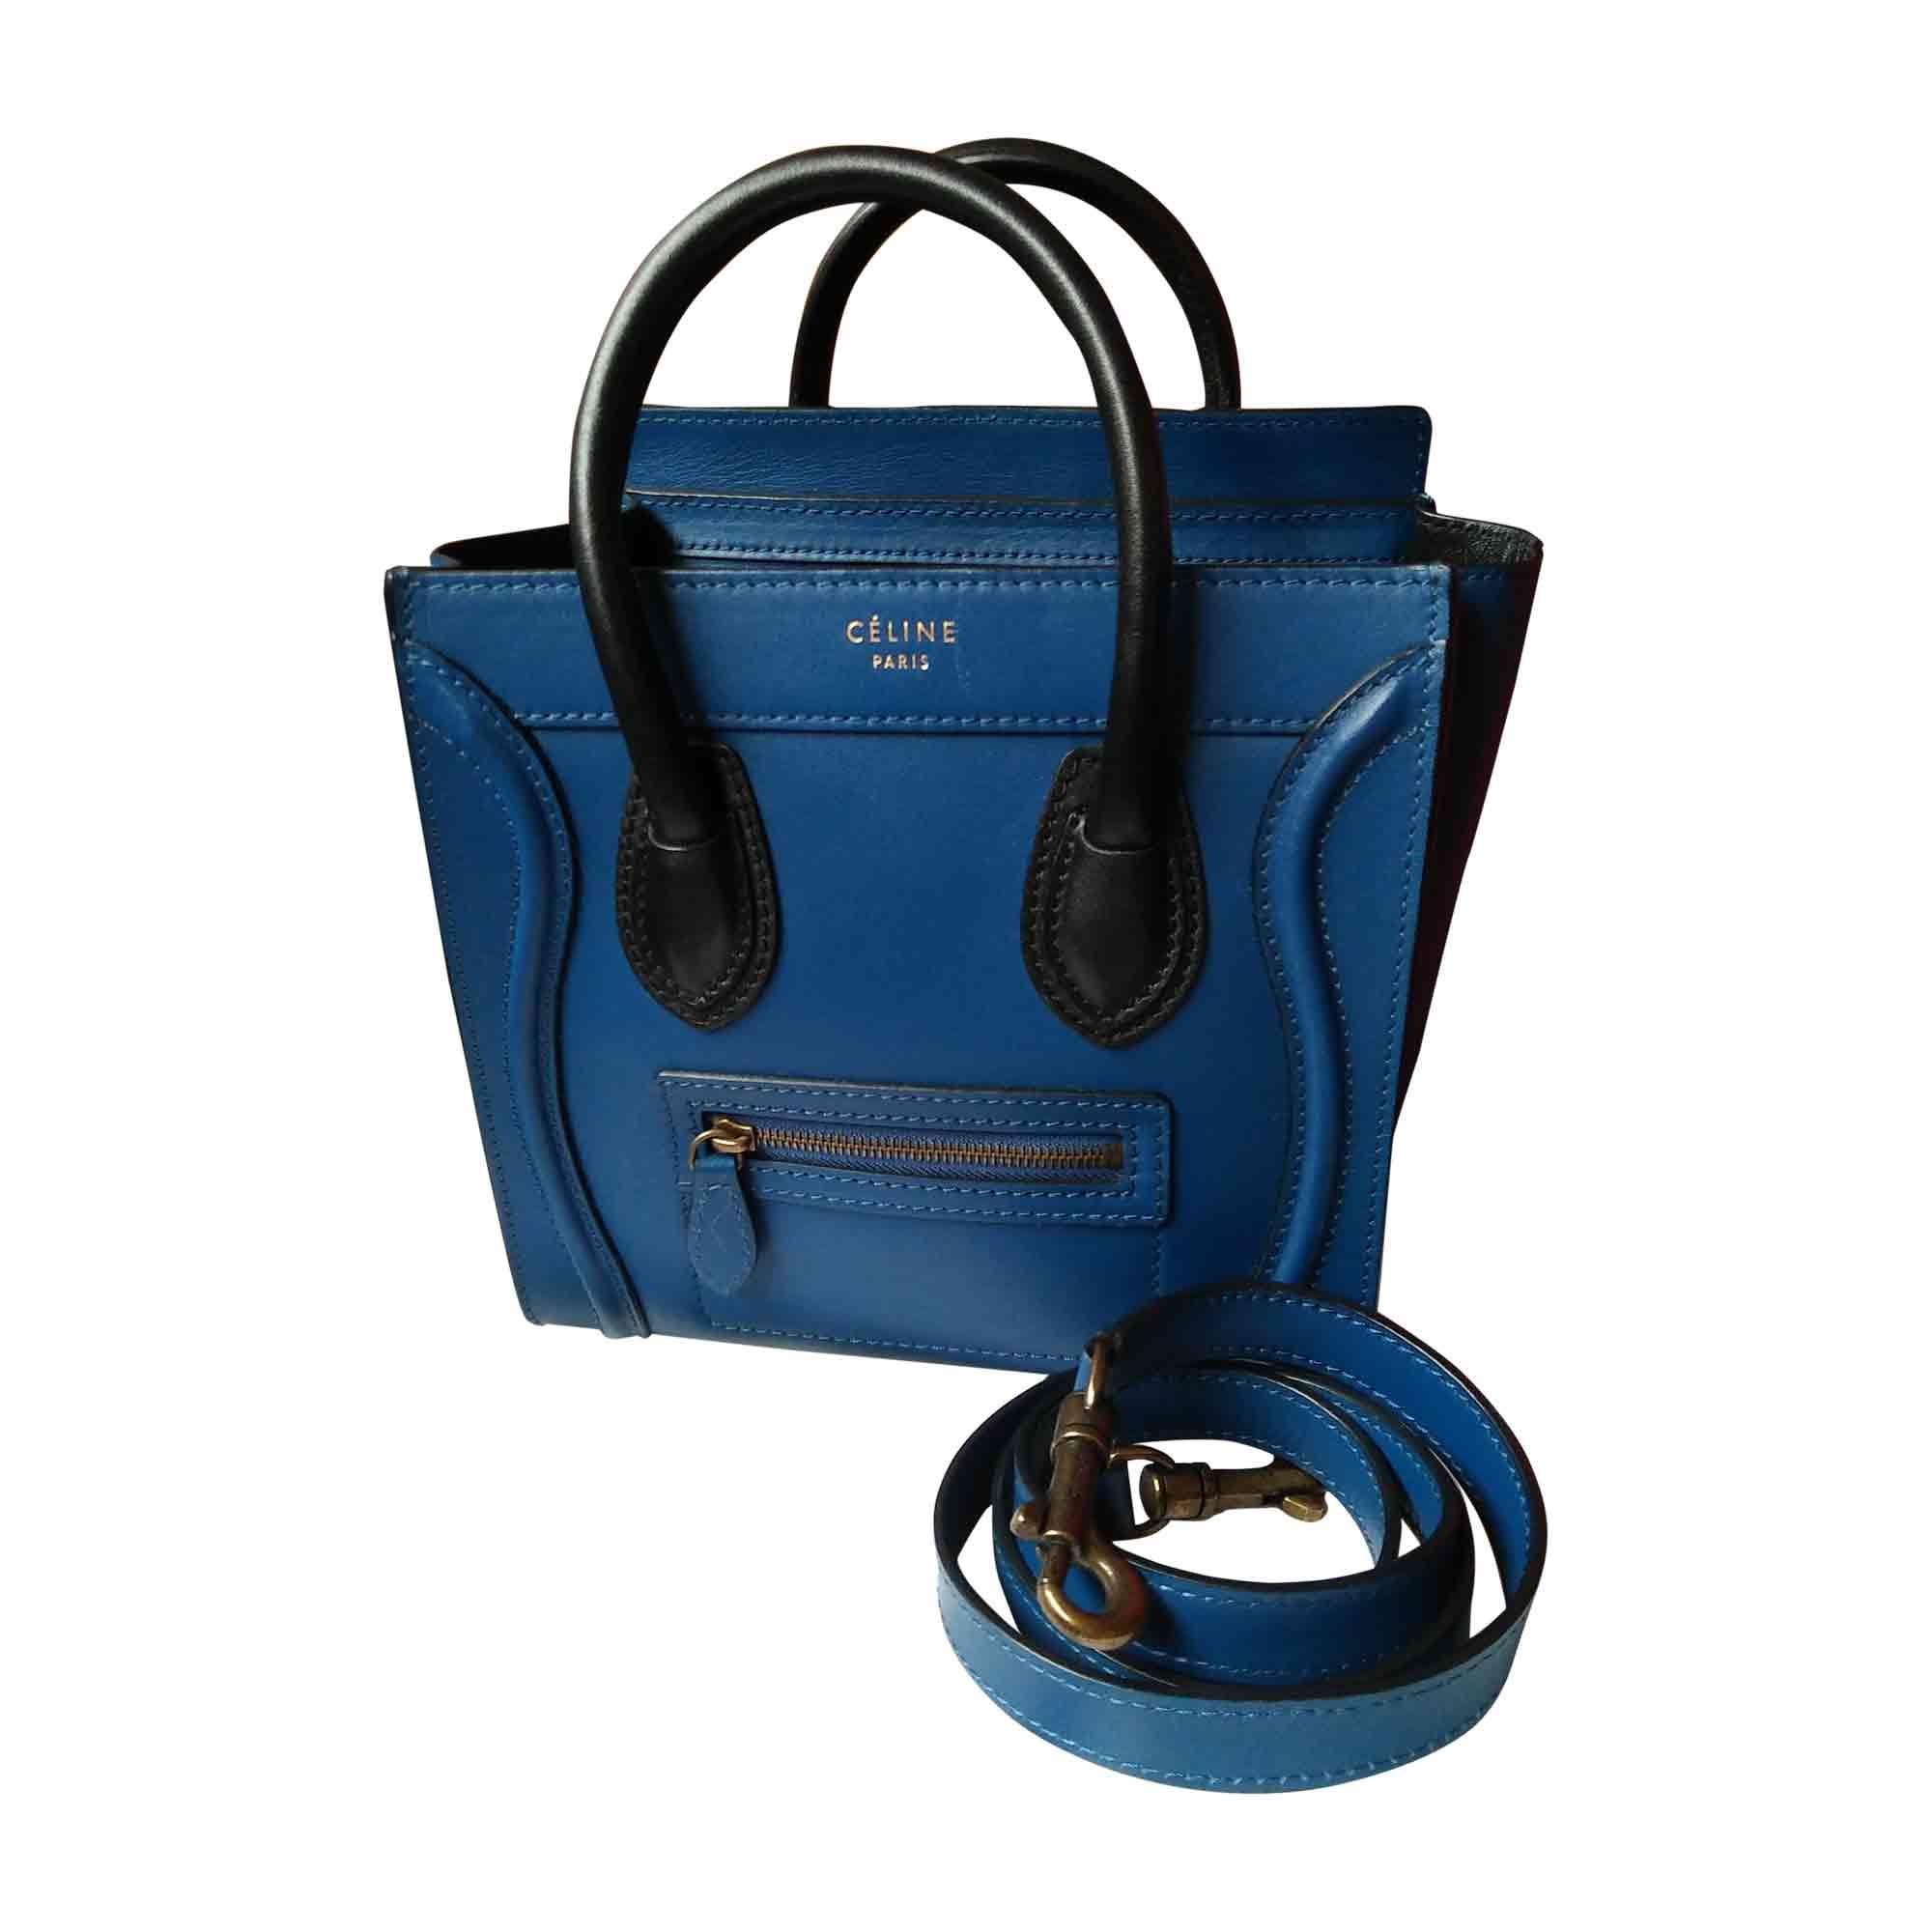 03ed93c990 Sac à main en cuir CÉLINE Luggage Bleu, bleu marine, bleu turquoise